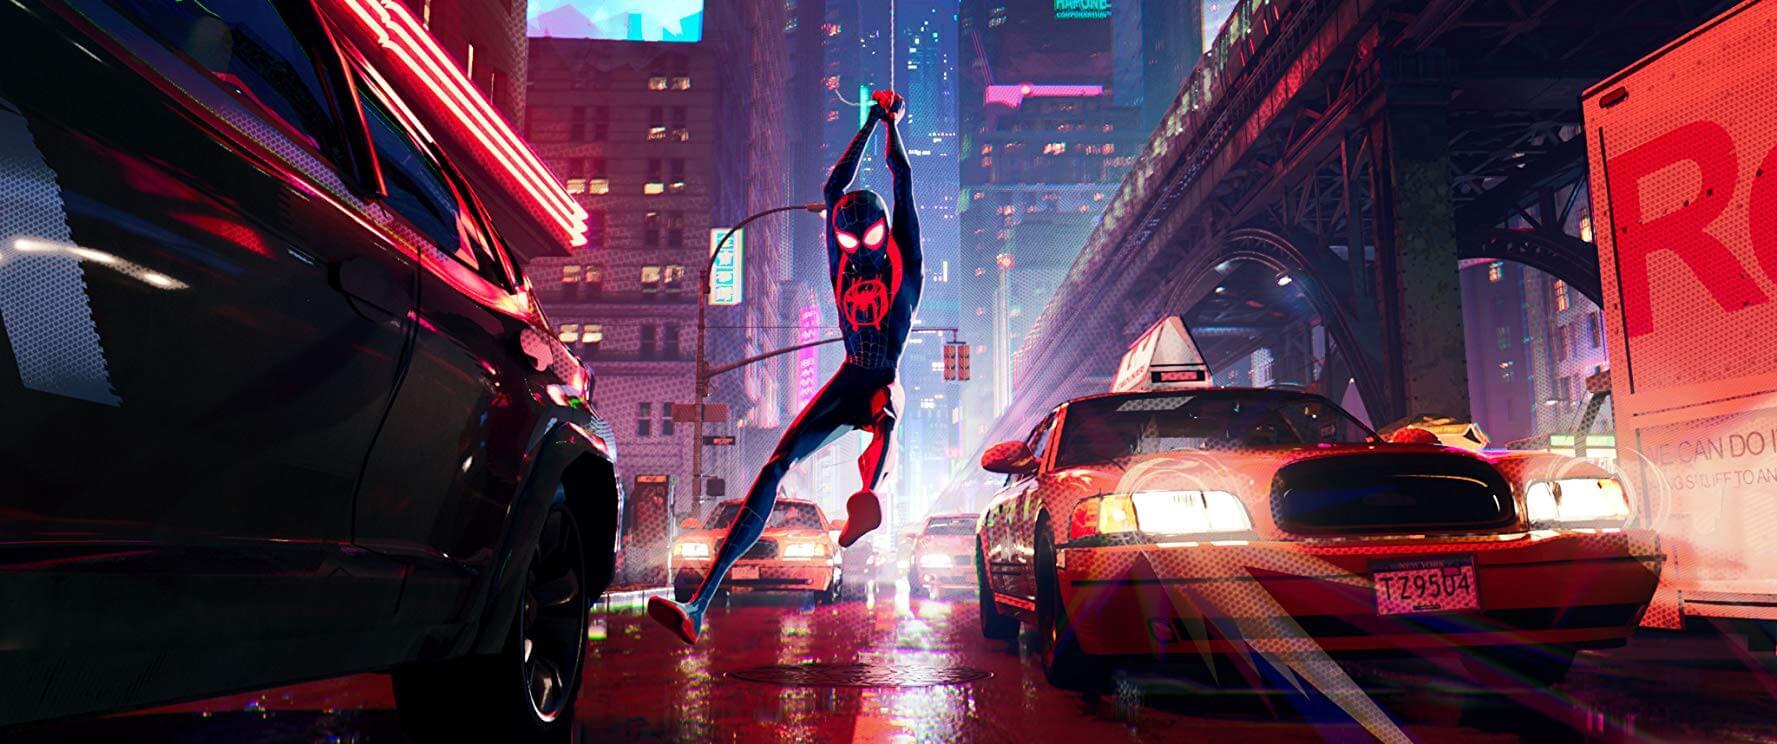 《蜘蛛人:新宇宙》(Spider-Man: Into the Spider-Verse) 成為第 76 屆金球獎最佳動畫長片得主。